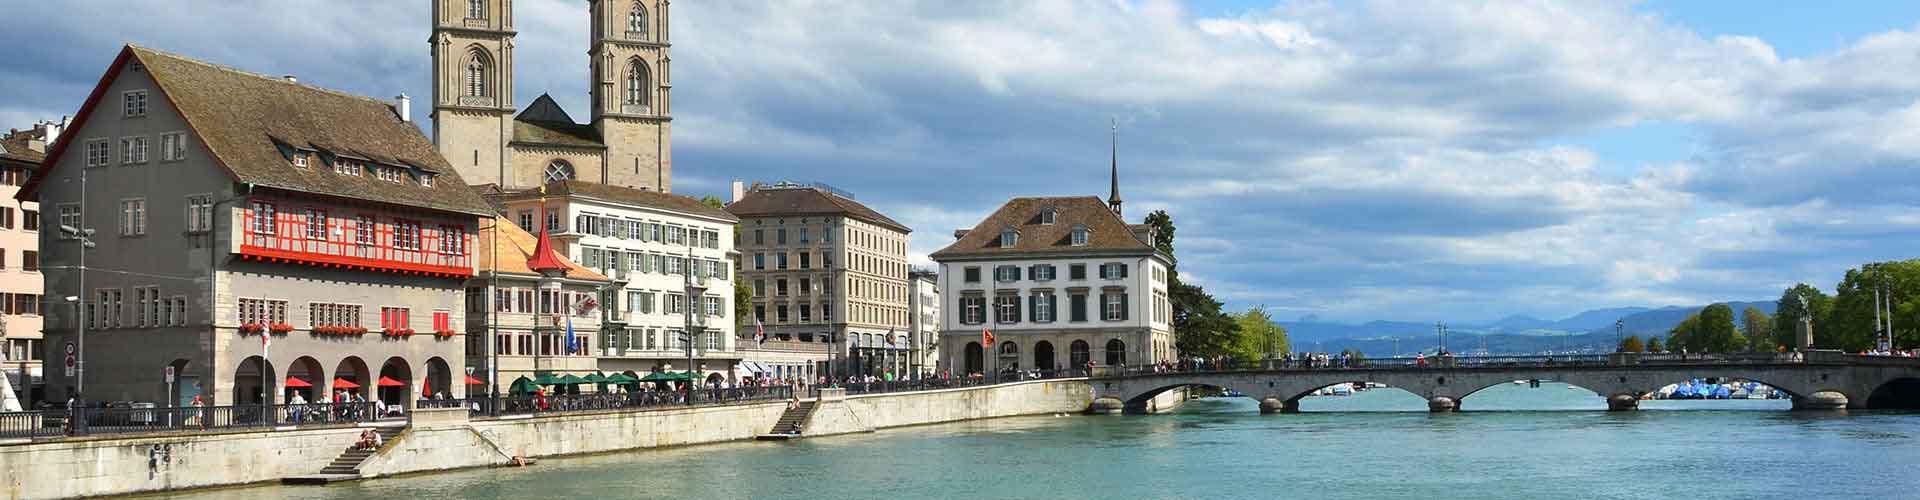 Zurich - Appartements dans le quartier de Hochschulen. Cartes pour Zurich, photos et commentaires pour chaque appartement à Zurich.